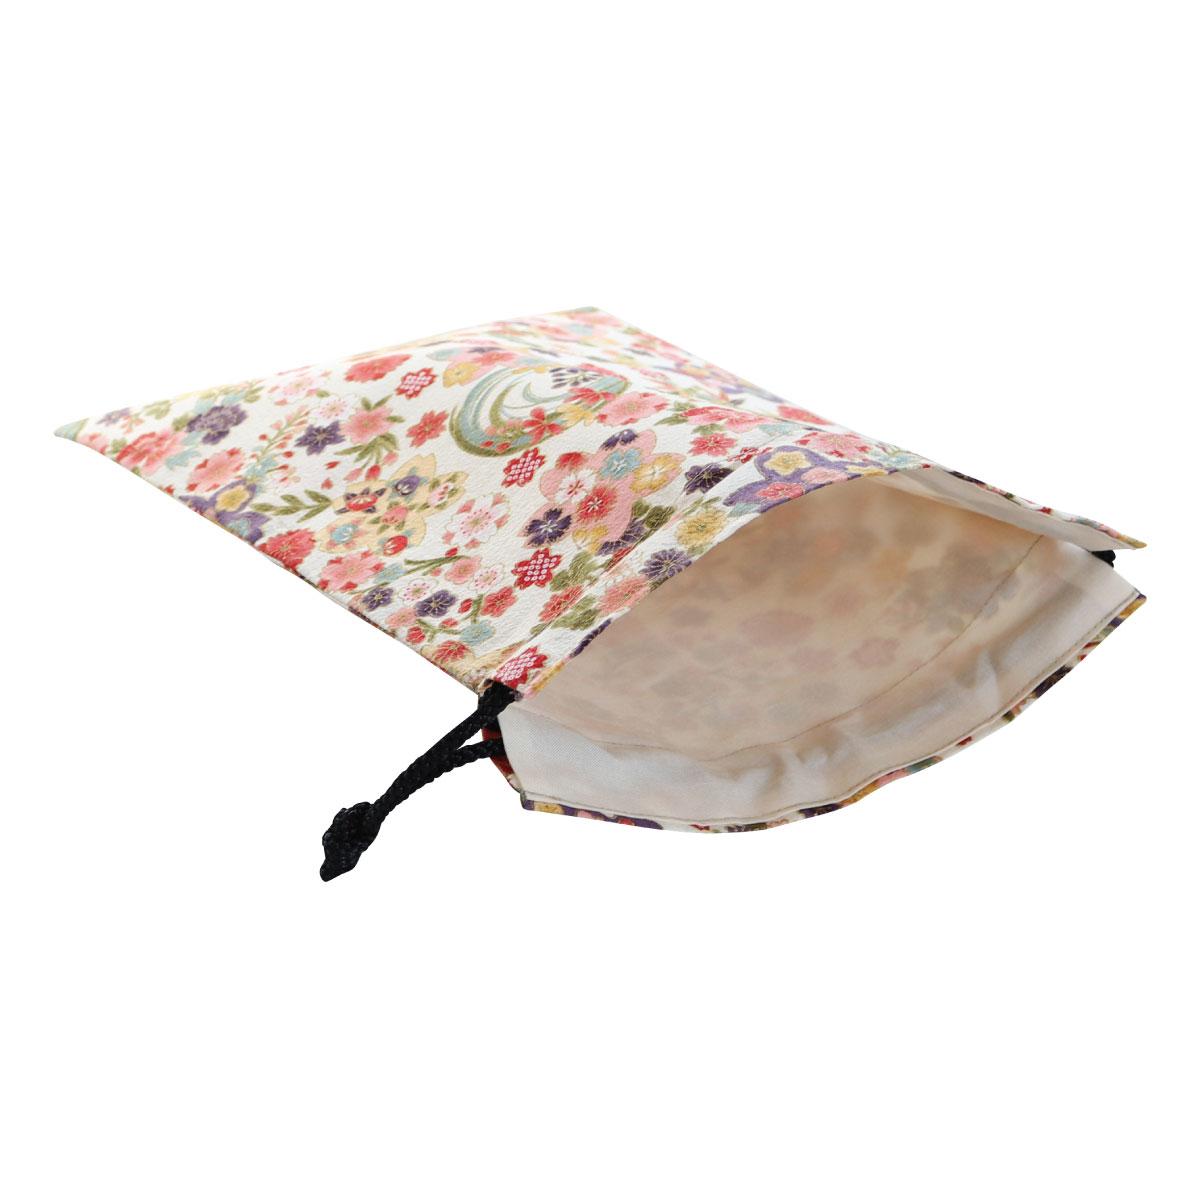 【御朱印帳収納袋】四季彩爛漫生成色巾着袋